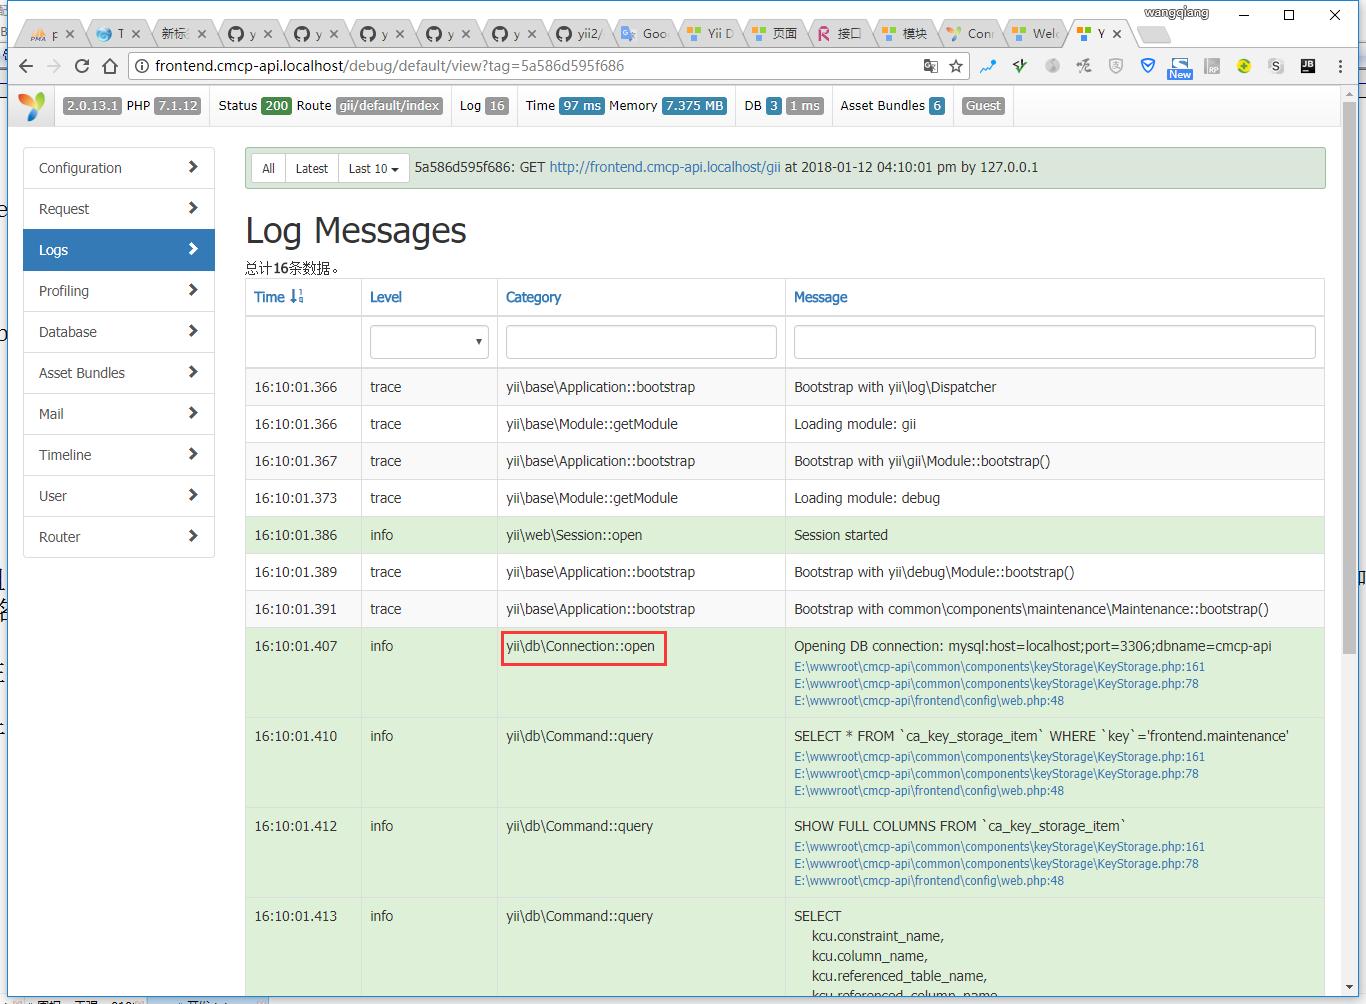 打开 Dubug,然后查看 Log Messages,db 组件的属性需要在 yii\db\Connection::open 之前完成初始化定义(调用多租户系统的接口)